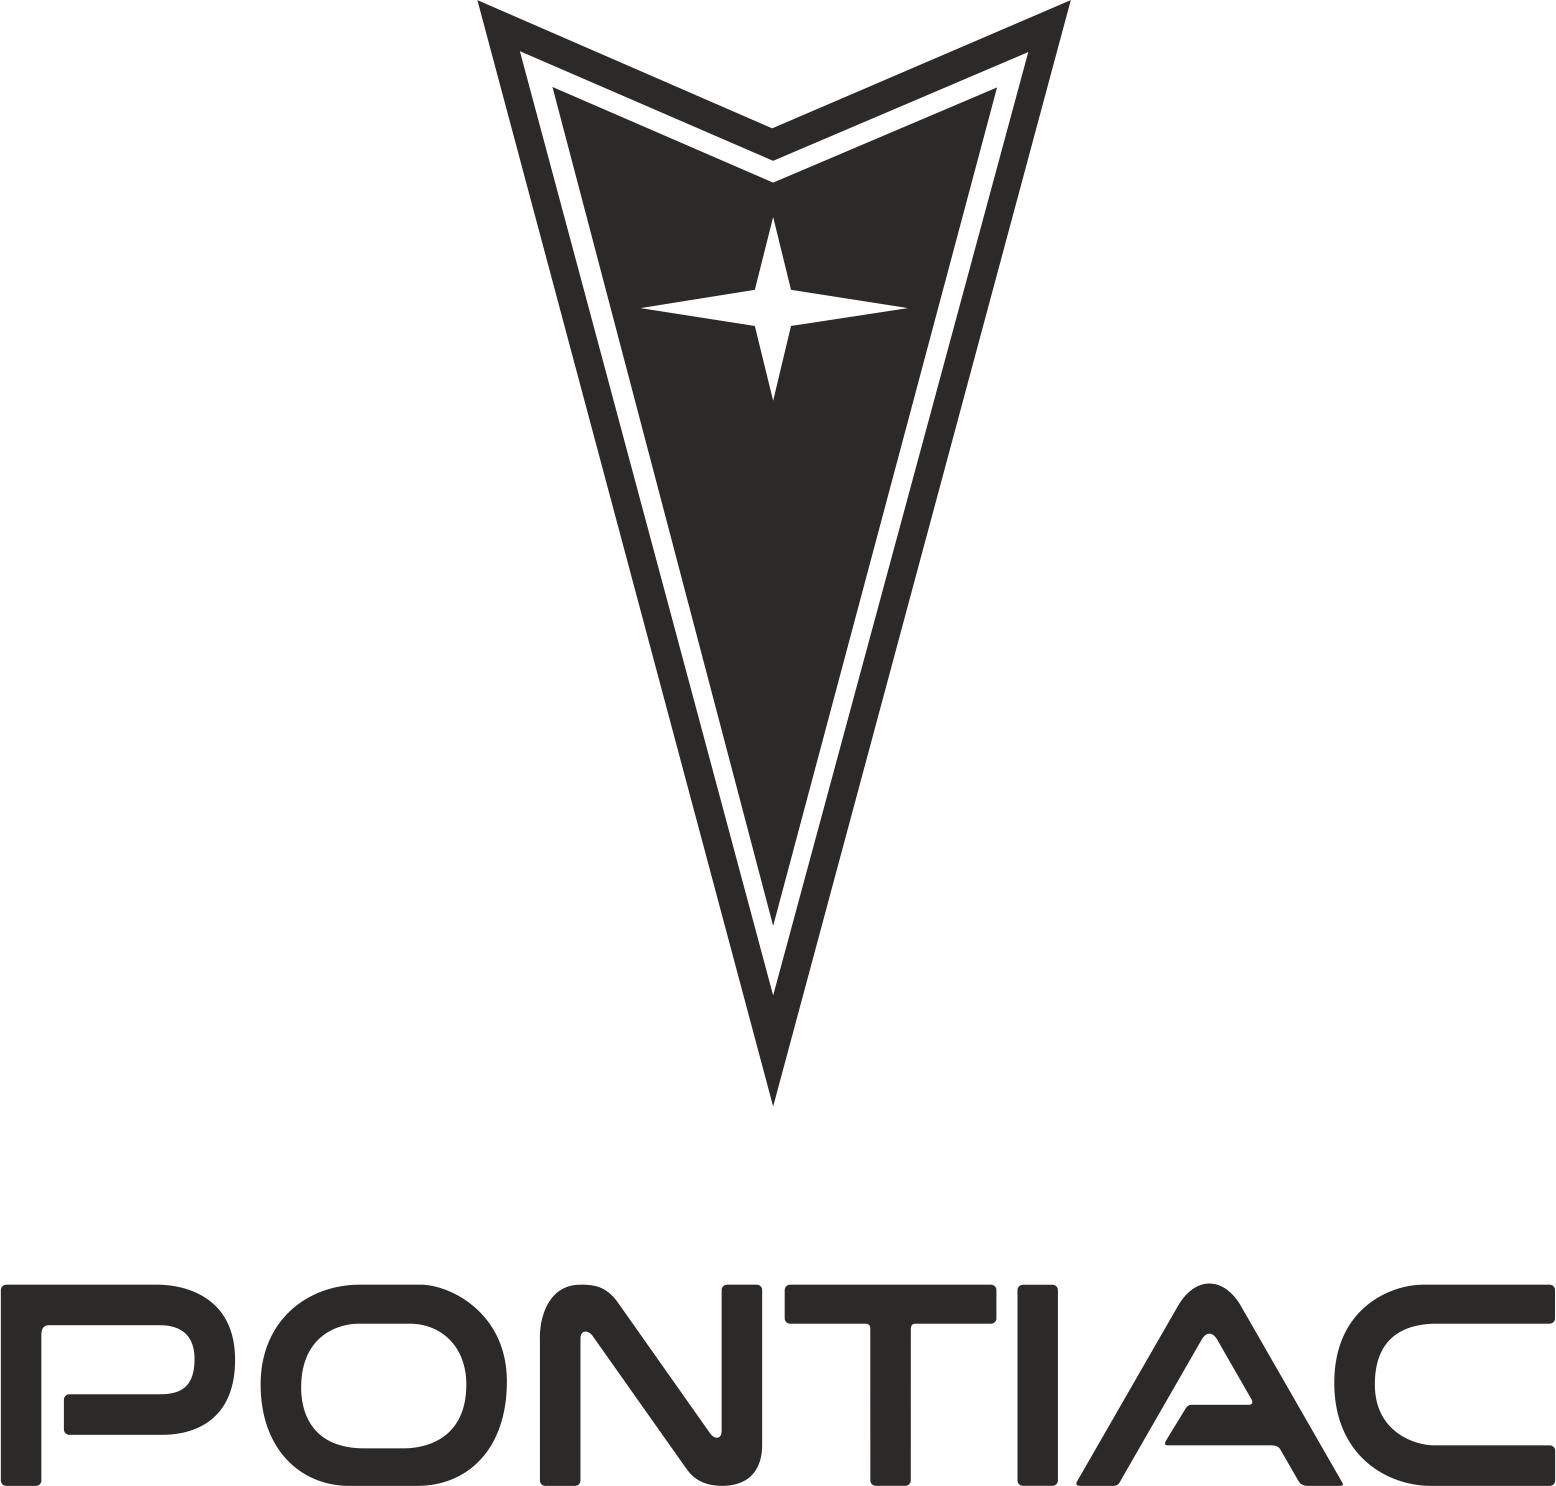 Pontiac Logo File Free CDR Vectors Art